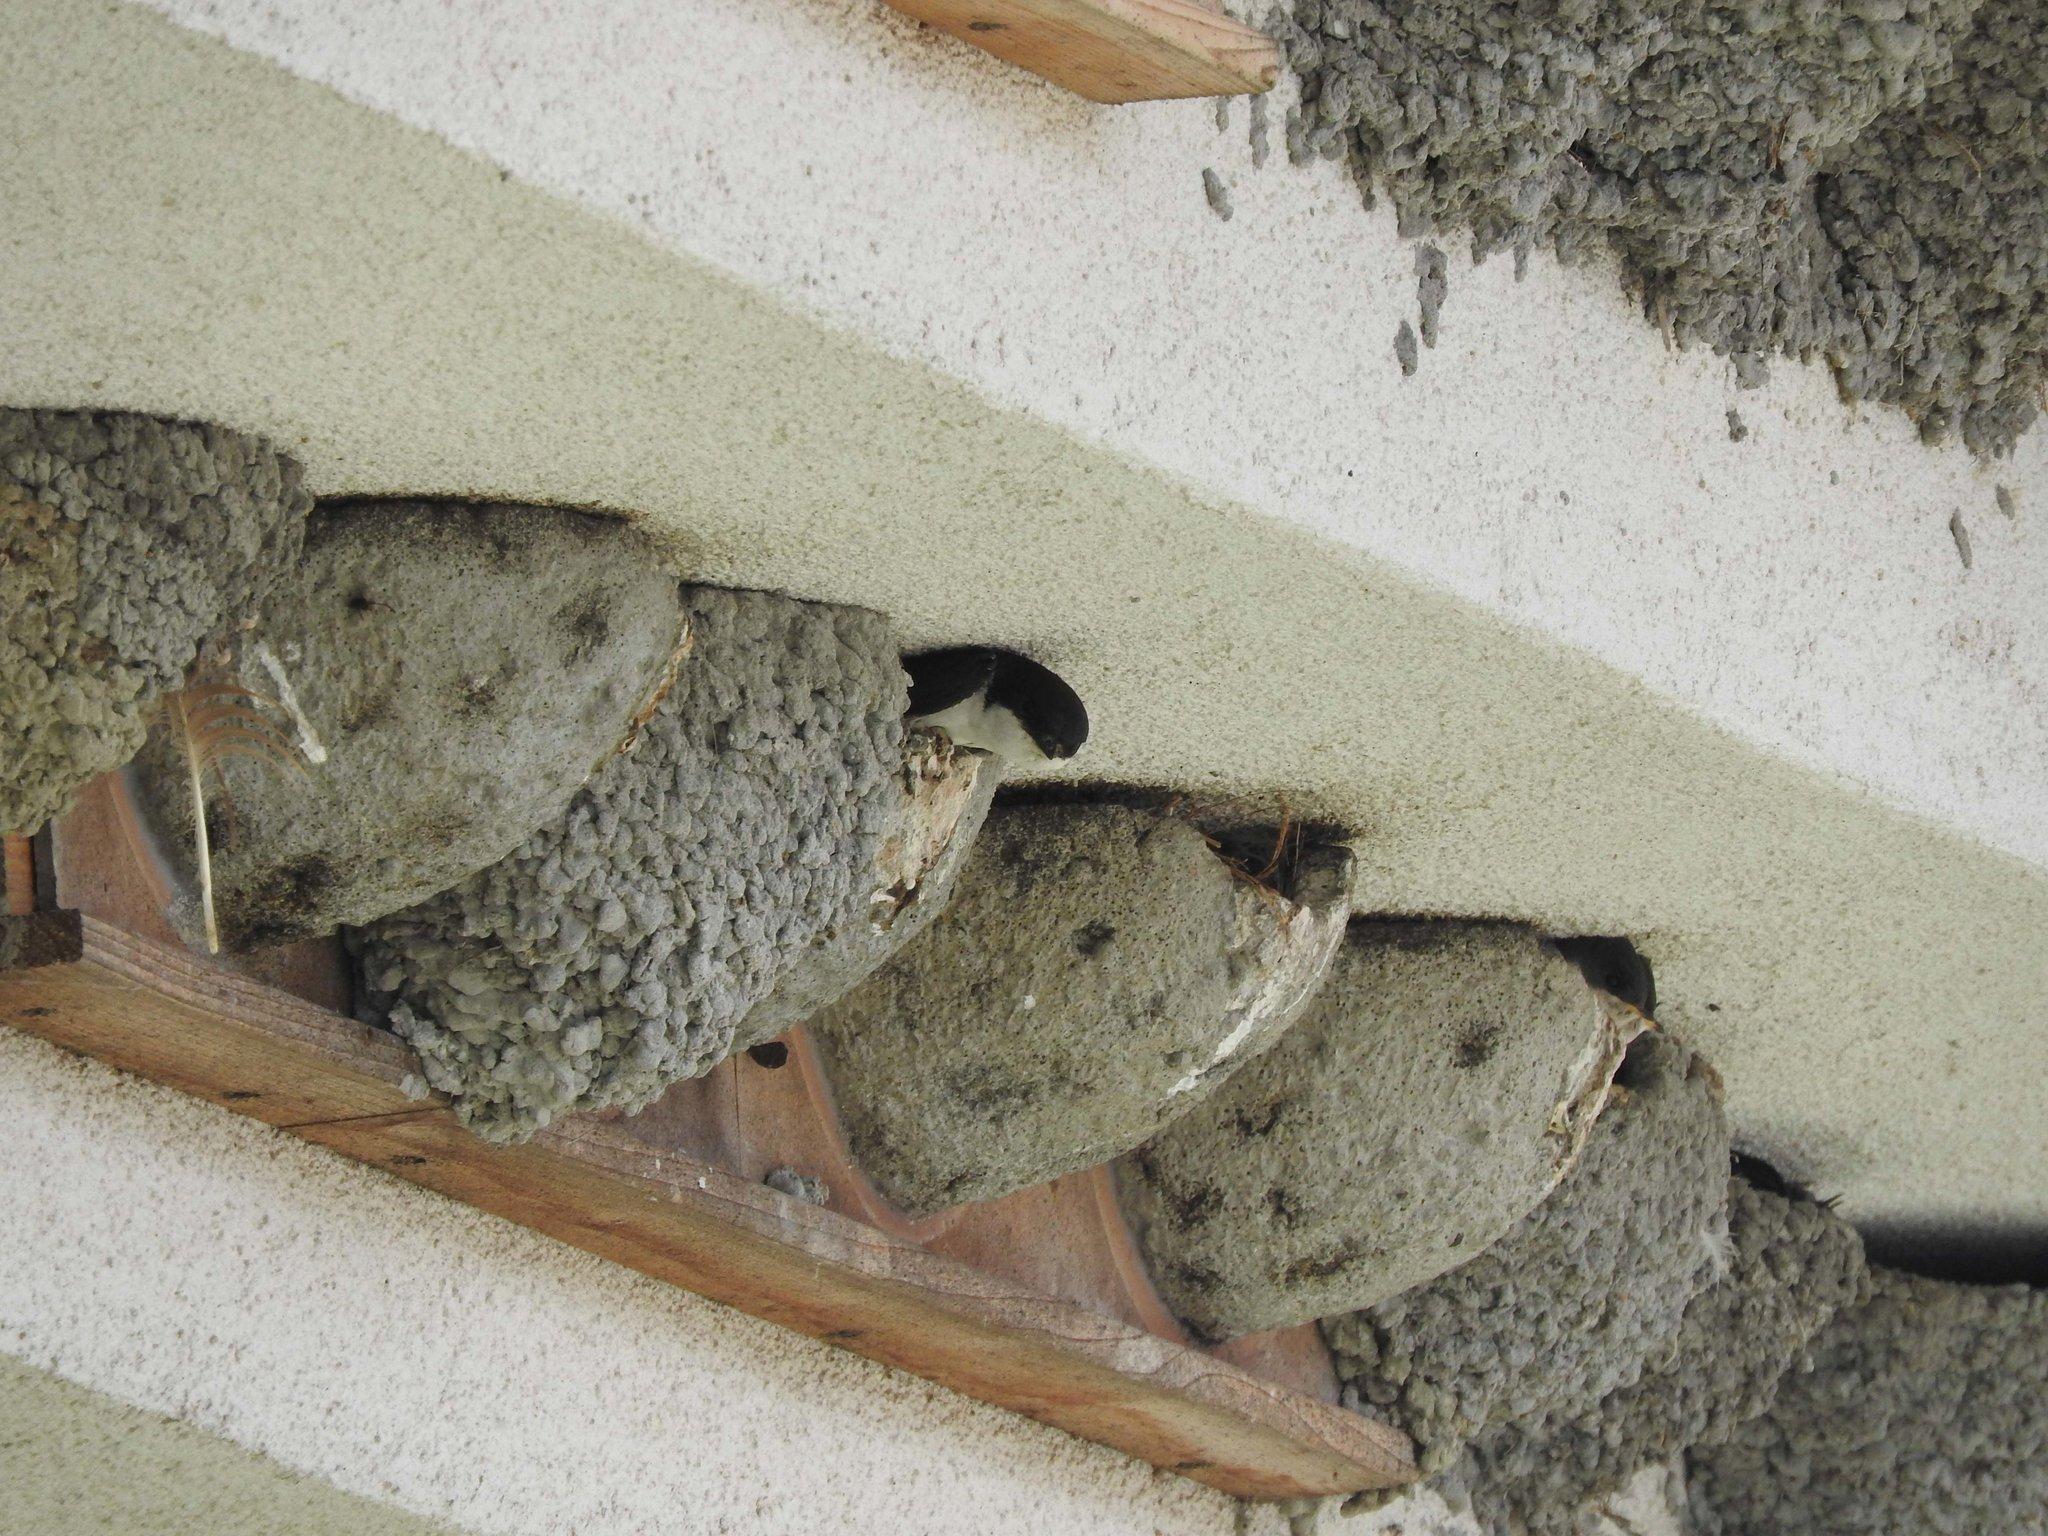 herbstputz am schwalbennest birdlife sterreich informiert ber schutzma nahmen f r schwalben. Black Bedroom Furniture Sets. Home Design Ideas